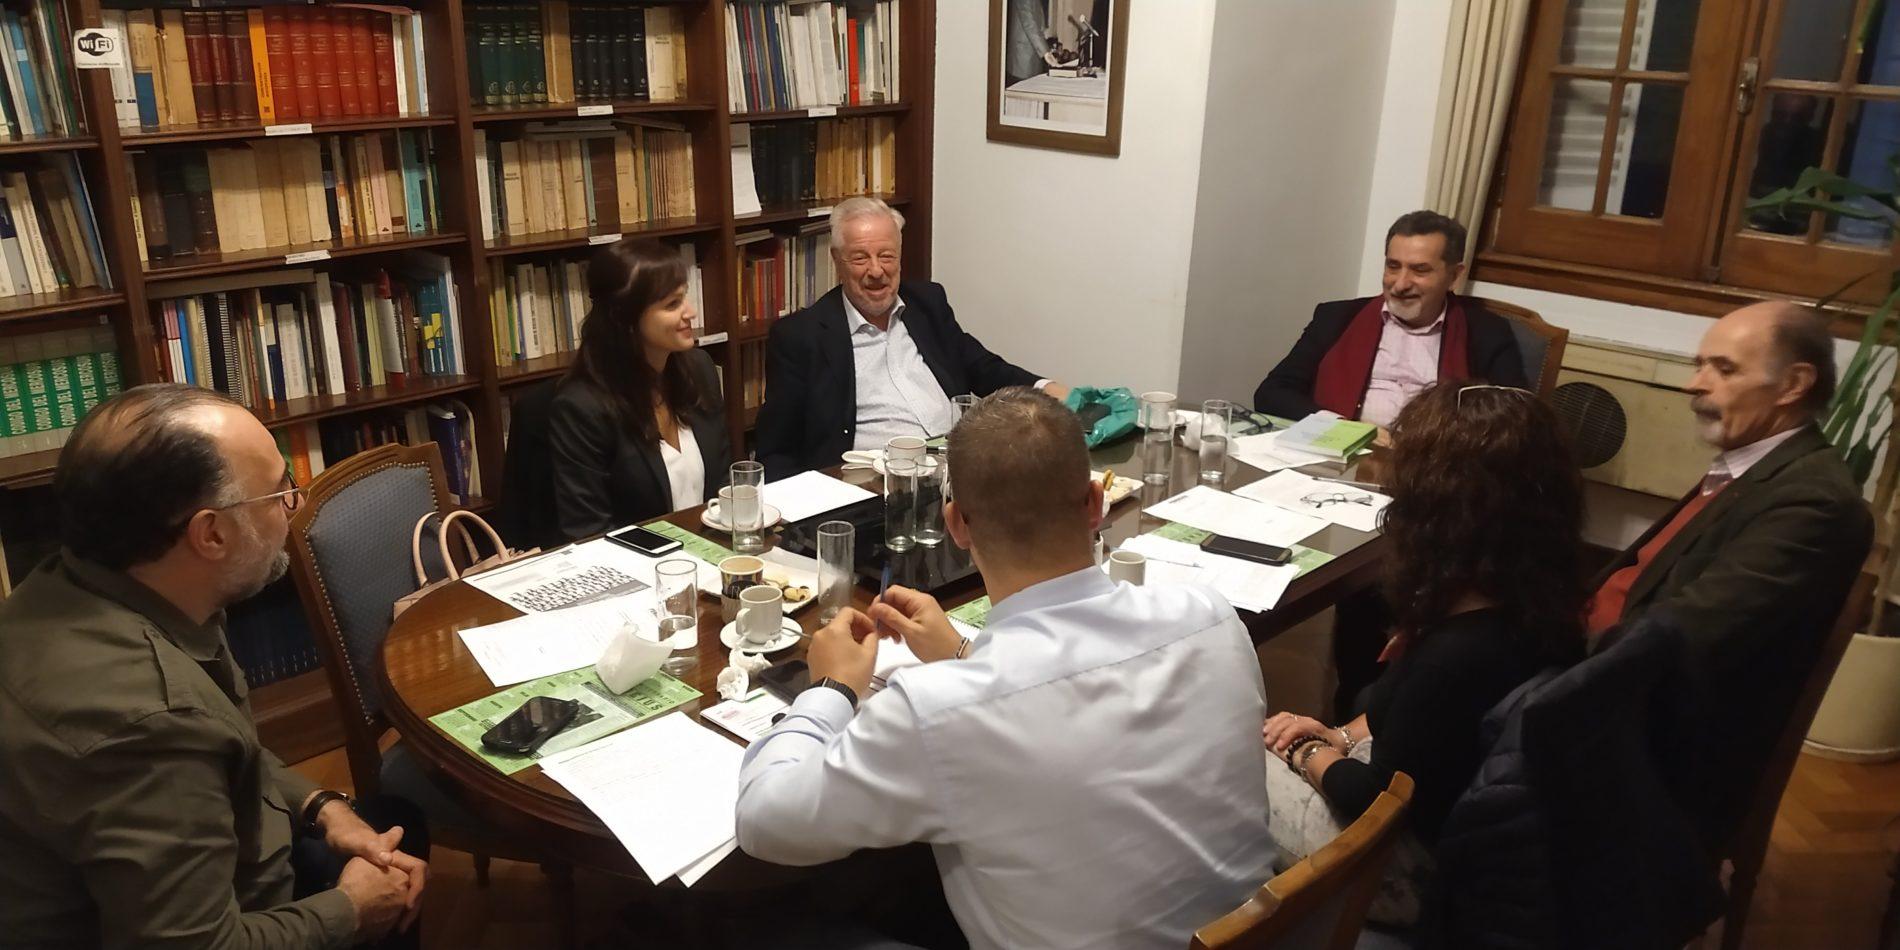 03/06/19. REUNIÓN DE TRABAJO DE LOS INTEGRANTES DEL CONSEJO DE ADMINISTRACIÓN ACOMPAÑADOS POR MIEMBROS DEL CONSEJO ASESOR E INVESTIGADORES.